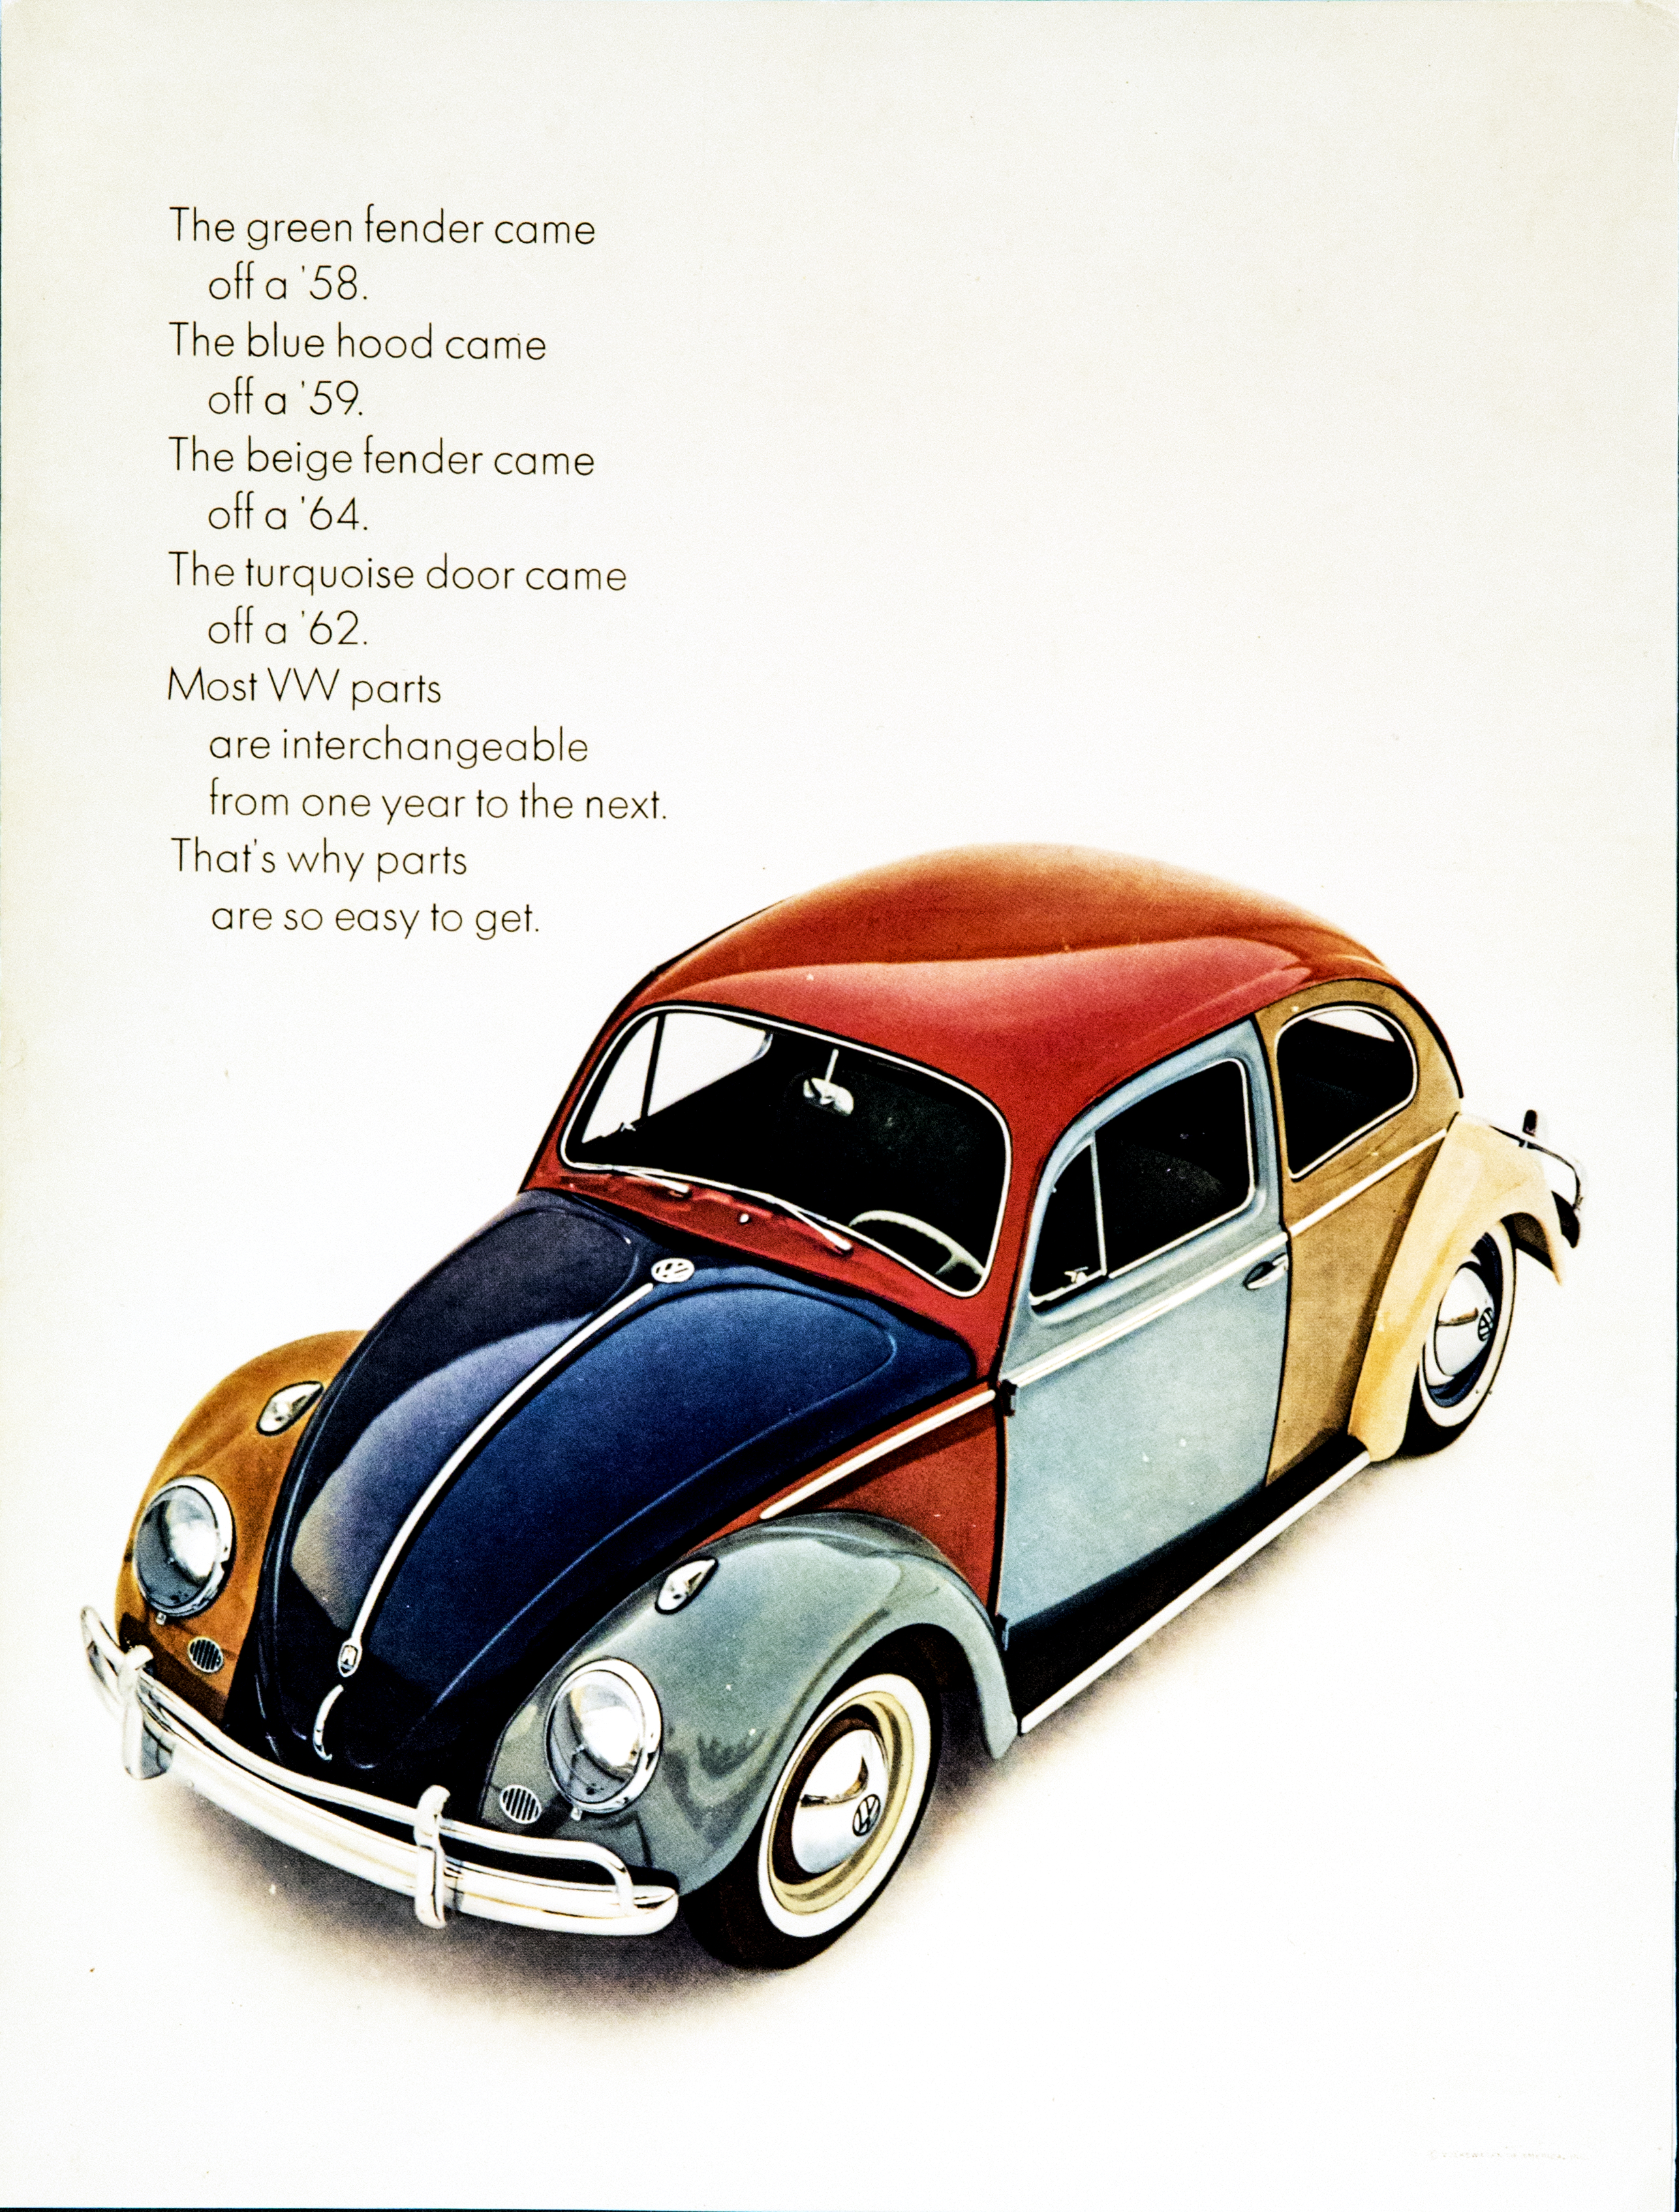 VW 'Green Fender' Len Sirowitz, DDB